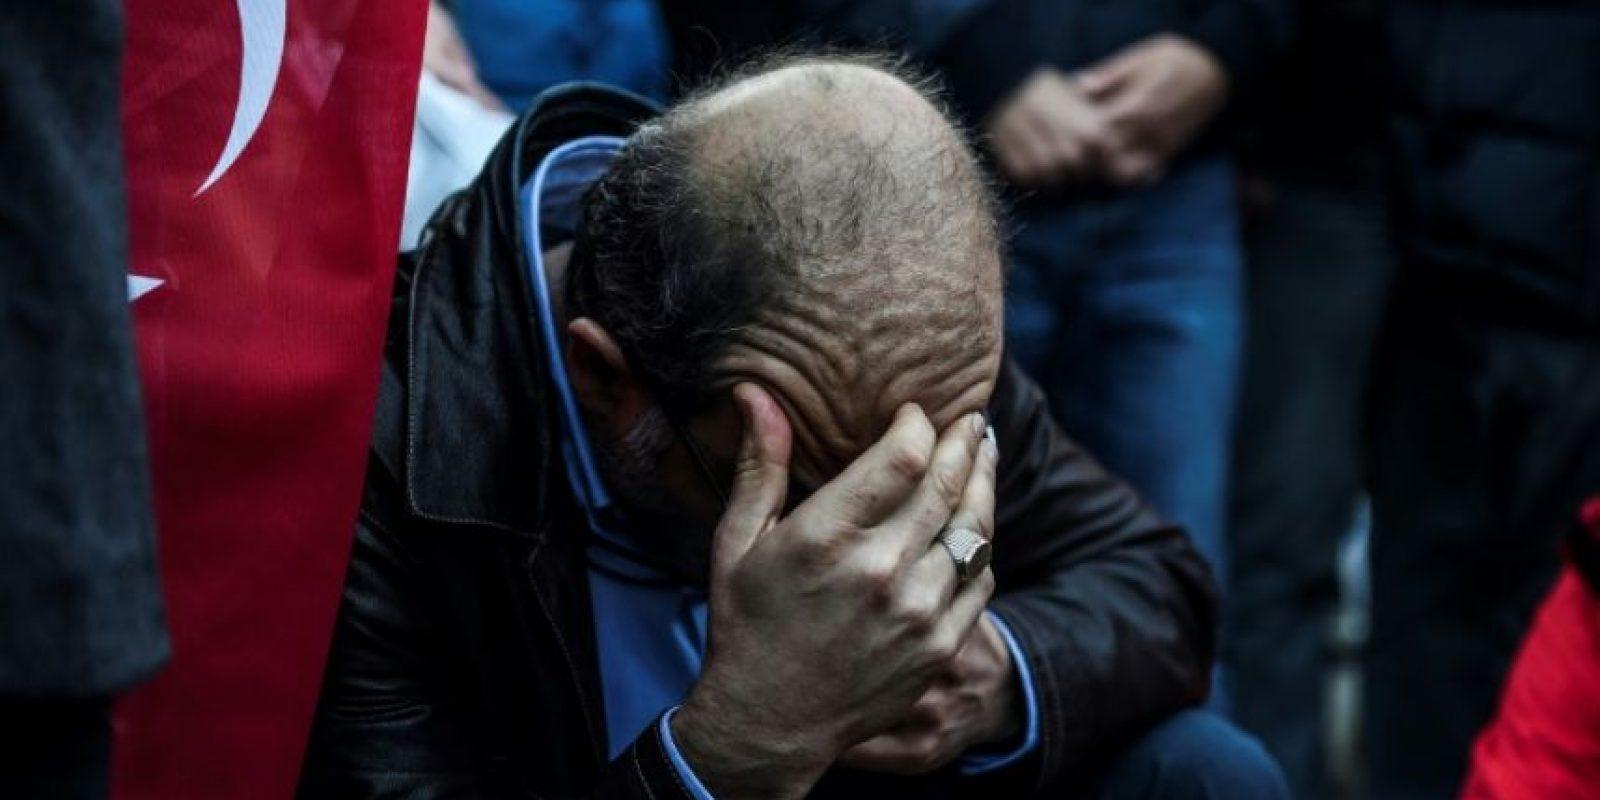 Un hombre en el estadio Vodafone Arena de Estambul, hogar del Besiktas, donde se celebró un homenaje el 11 de diciembre de 2016 a las víctimas del doble atentado cometido la víspera, uno de cuyos ataques se produjo cerca del campo de fútbol Foto:Bulent Kilic/afp.com